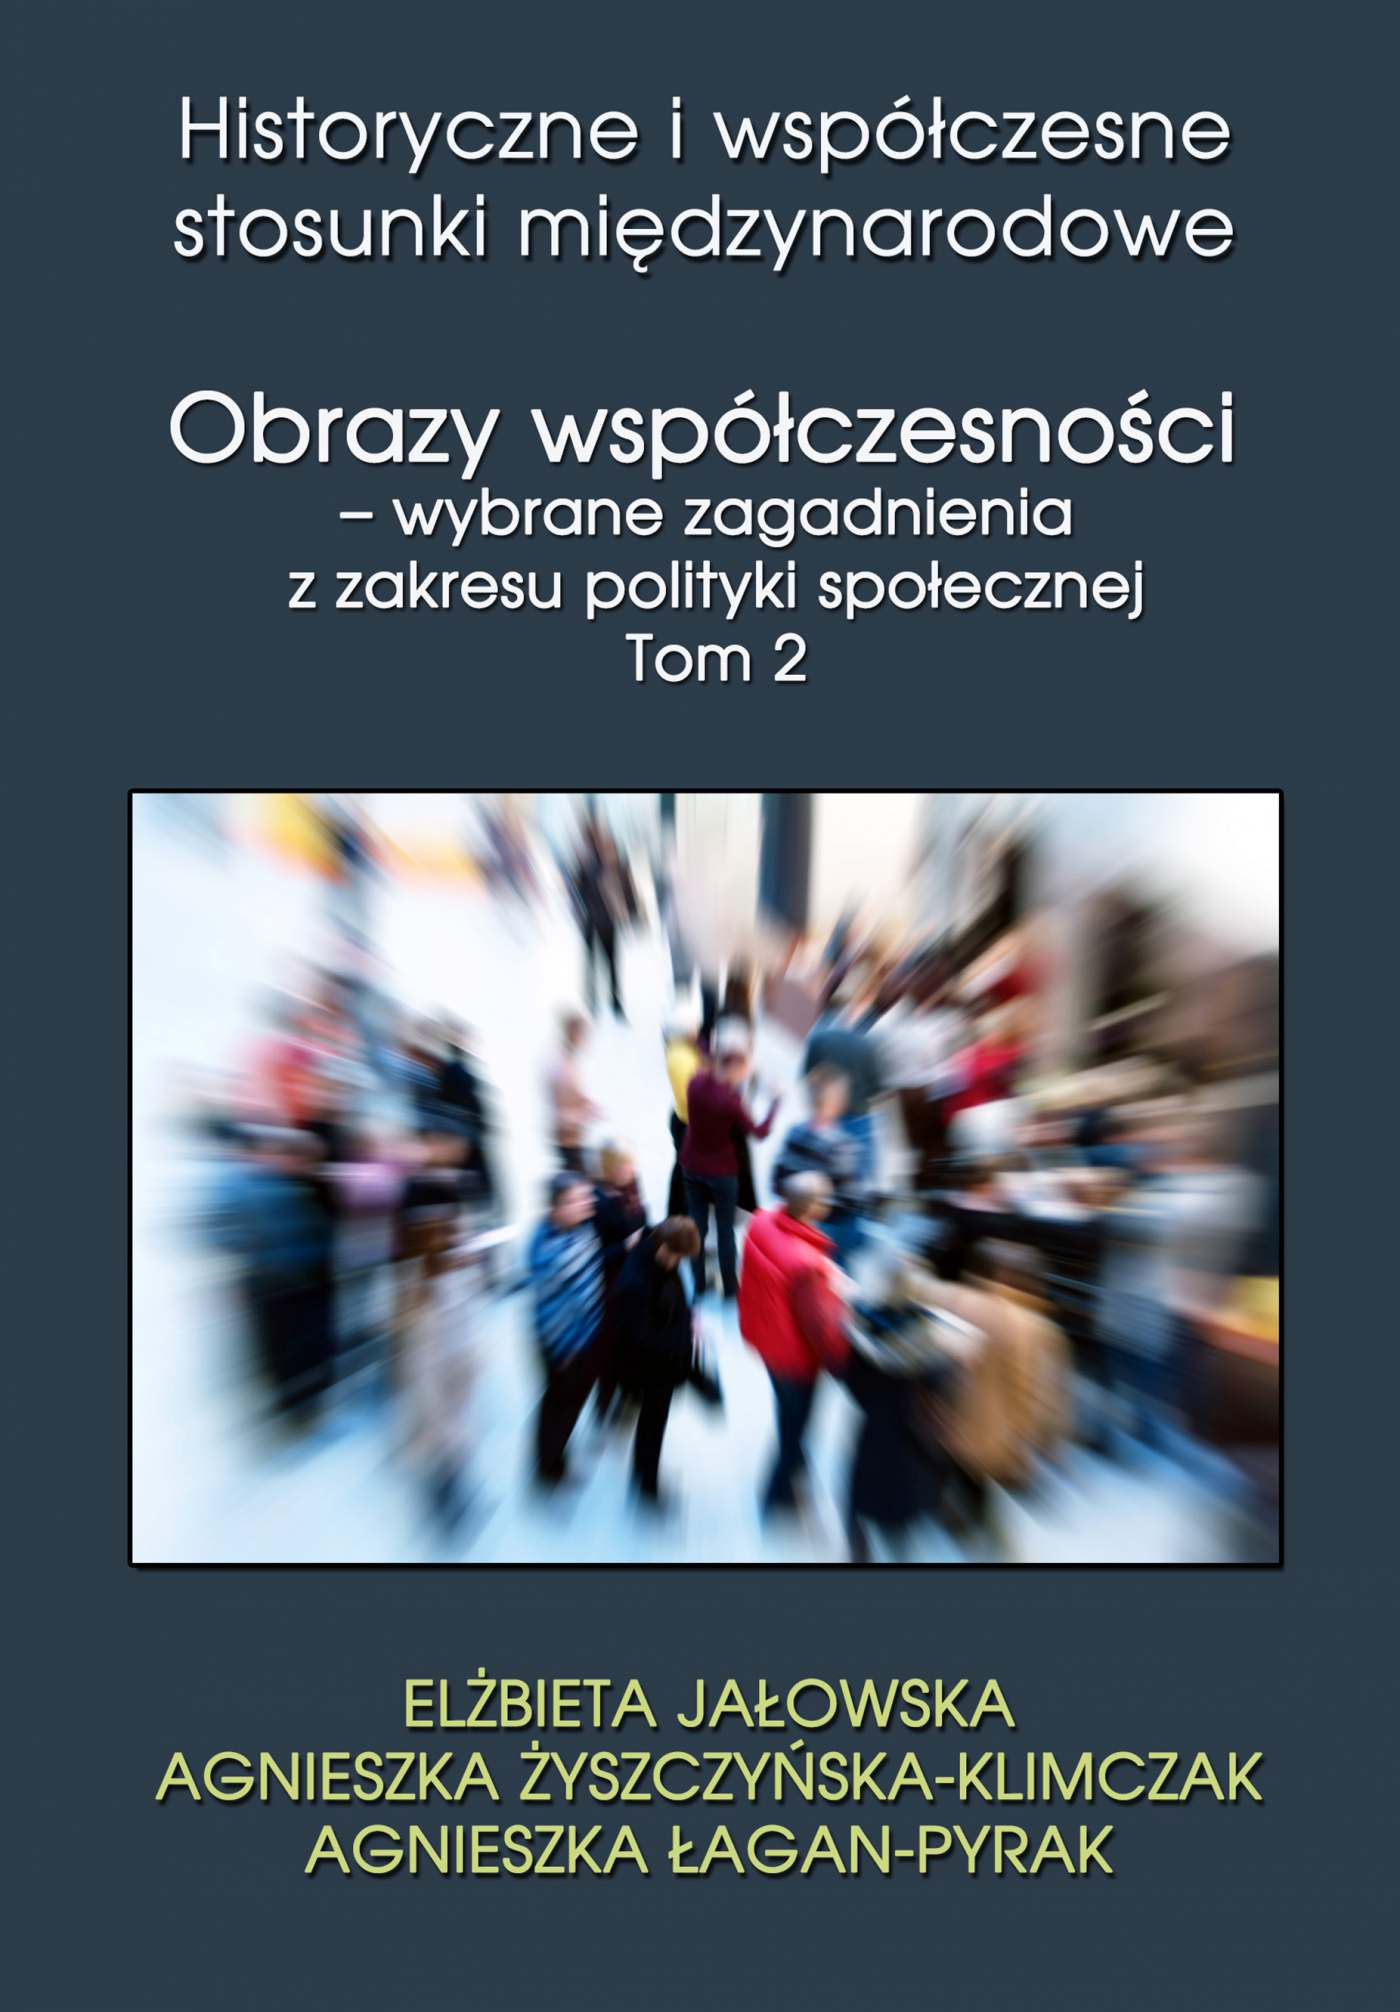 Obrazy współczesności – wybrane zagadnienia z zakresu polityki społecznej - Ebook (Książka PDF) do pobrania w formacie PDF